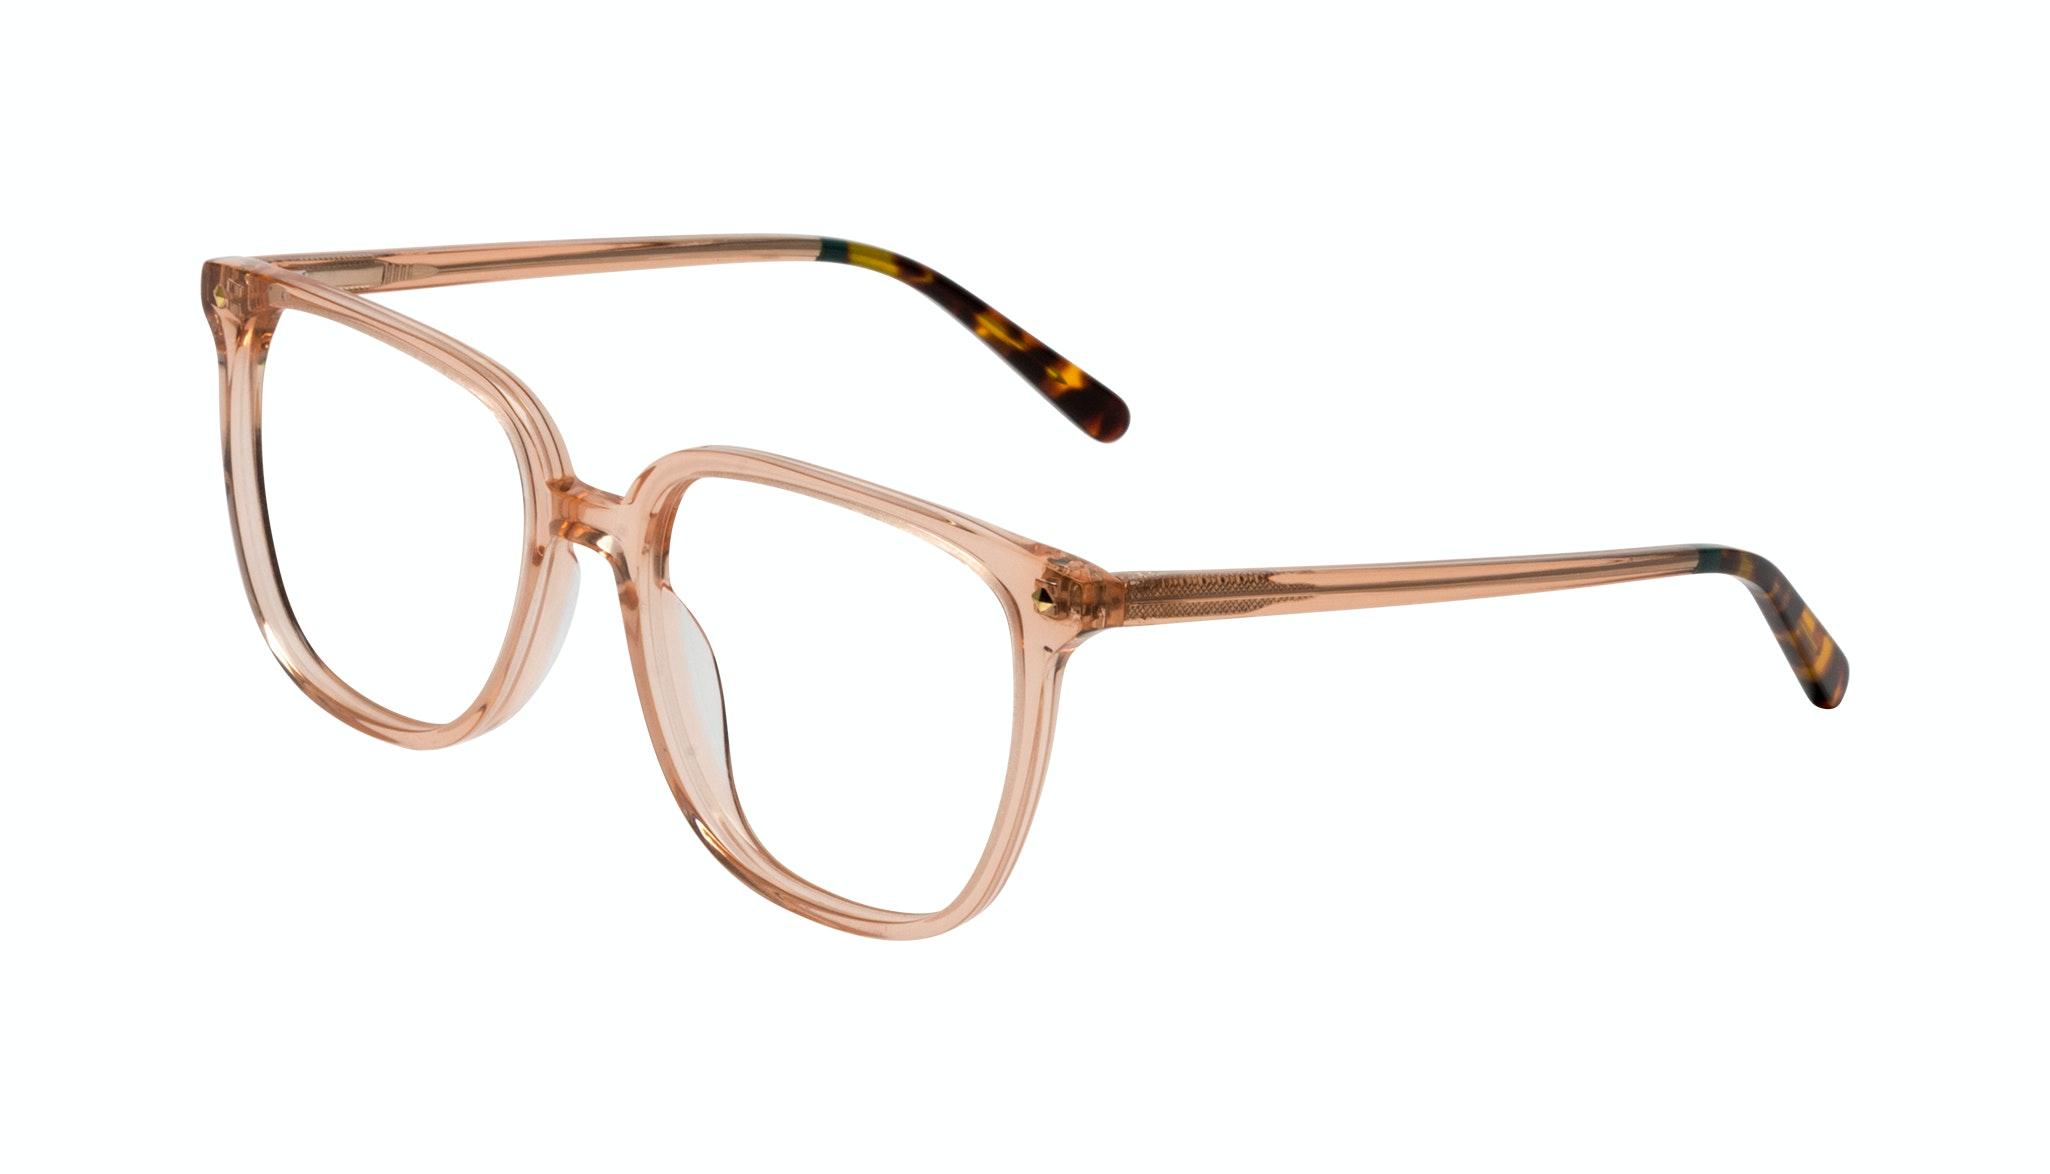 Affordable Fashion Glasses Cat Eye Eyeglasses Women Gia Peach Tilt